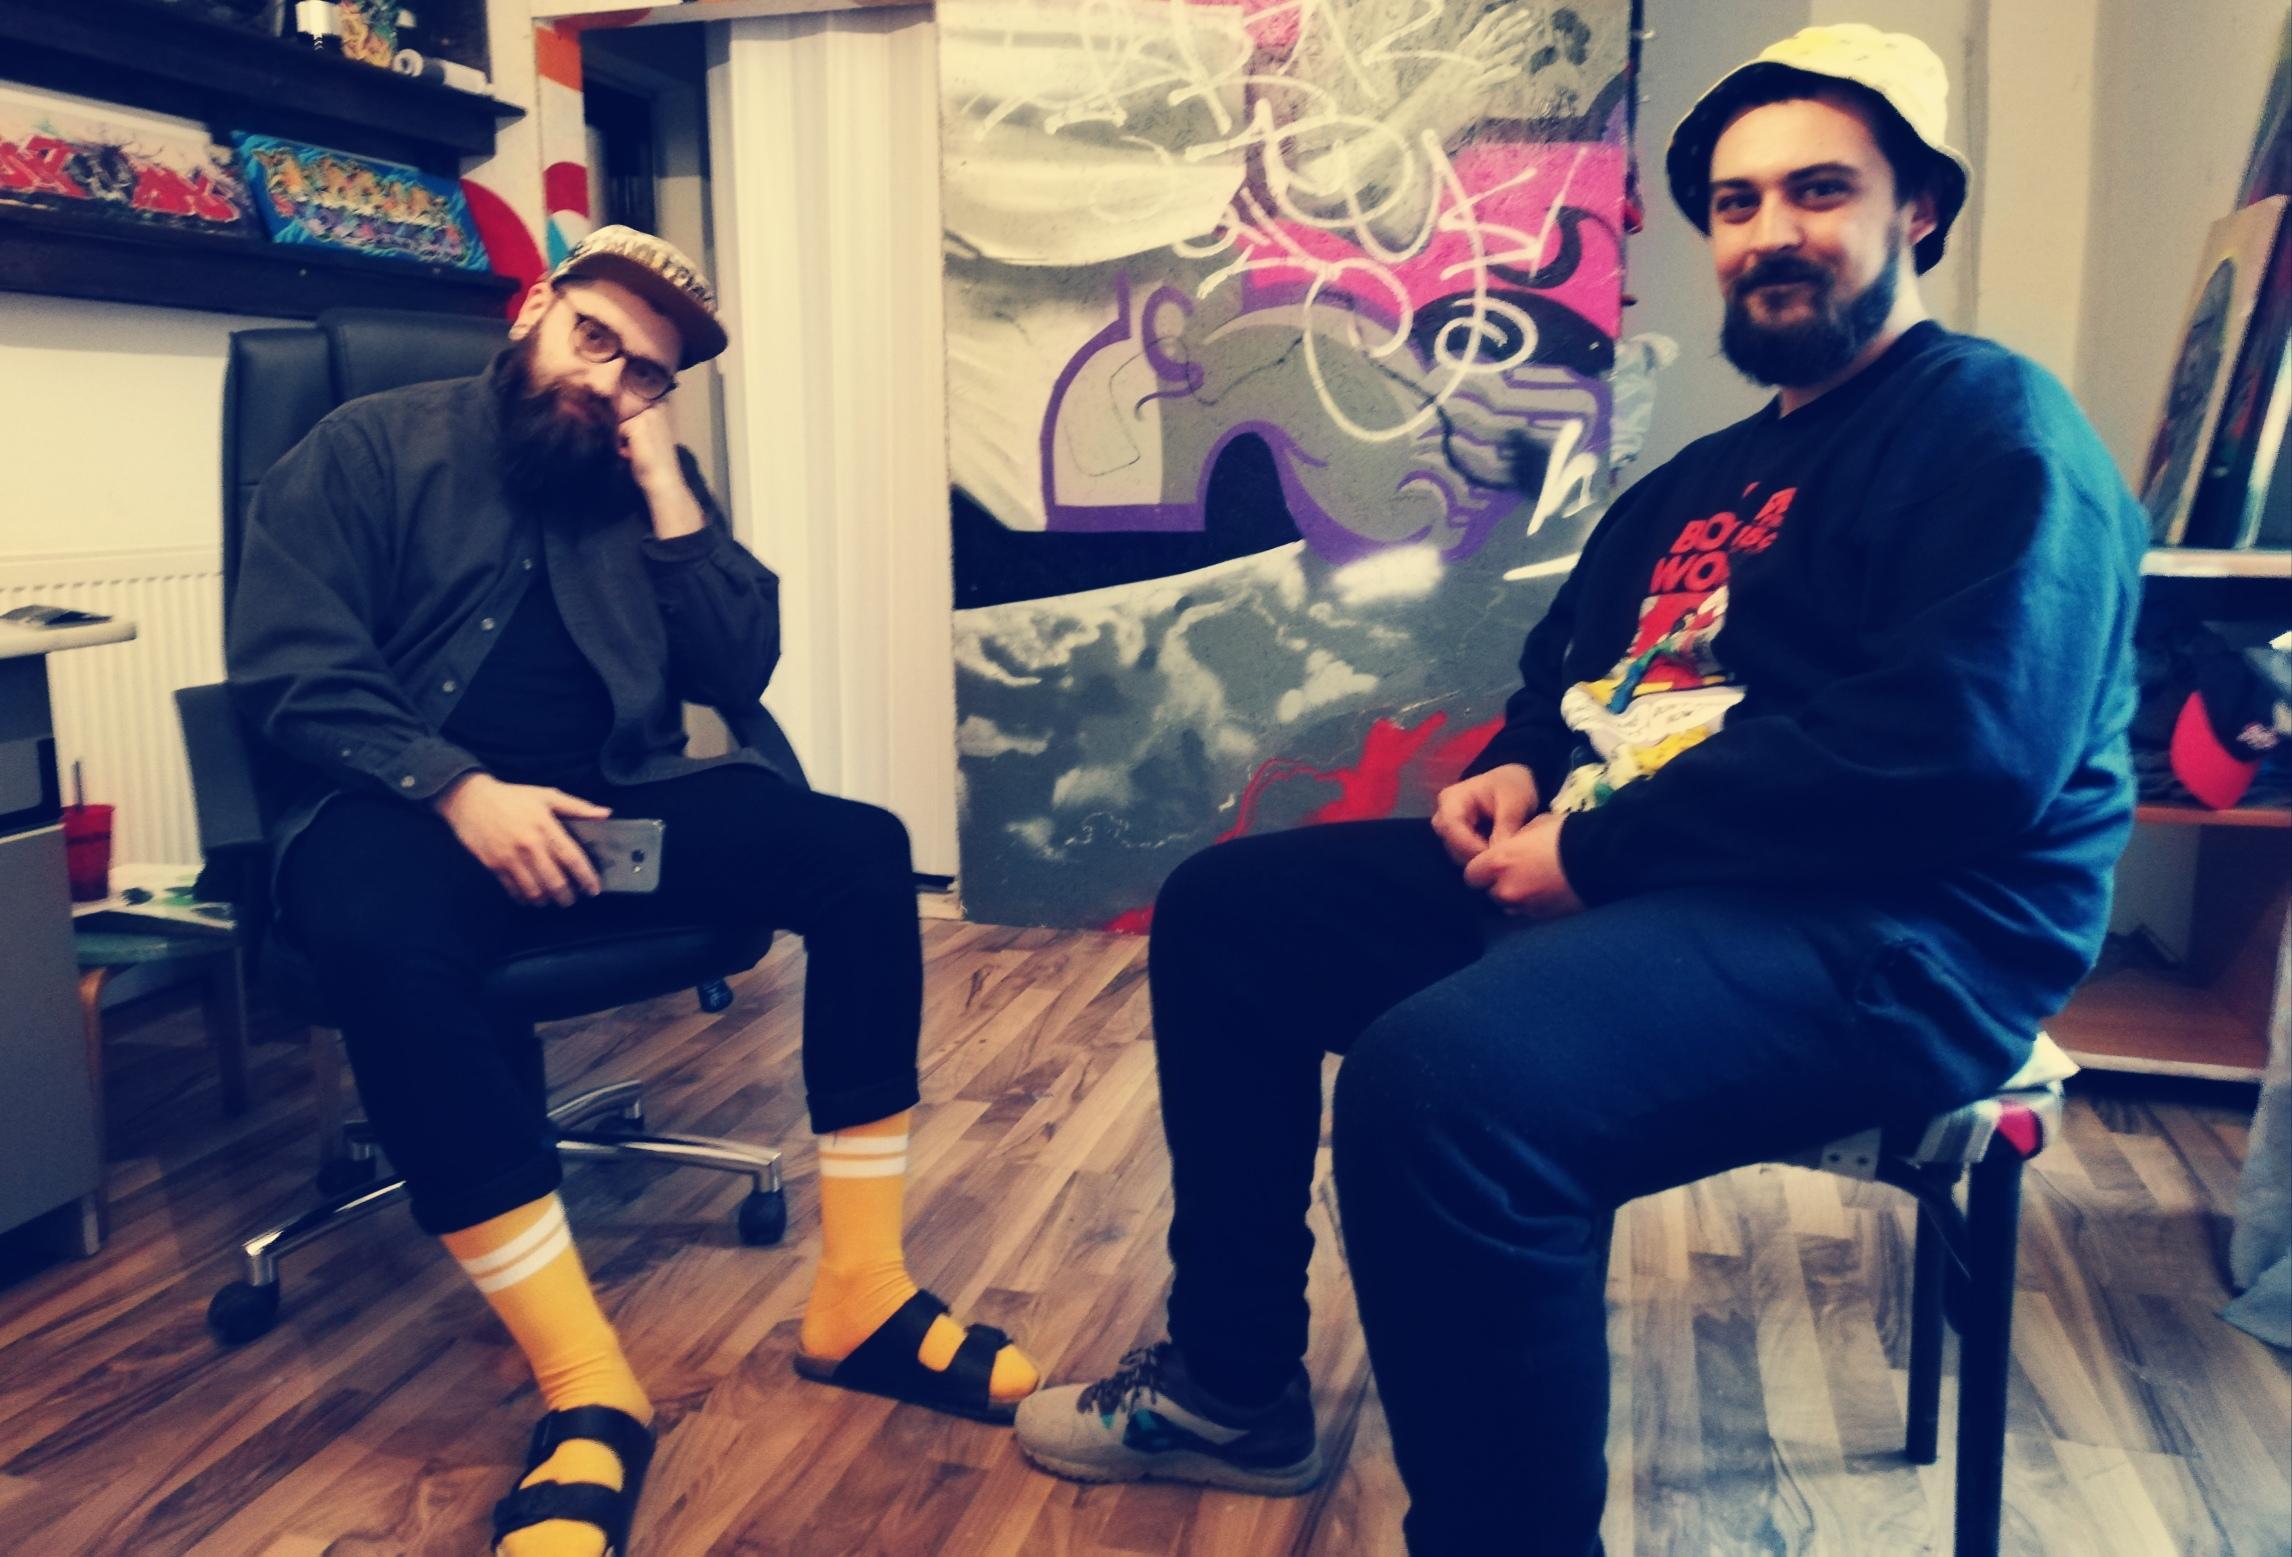 Kaps Crew: Avem nevoie de artă stradală și de muralism în Iași